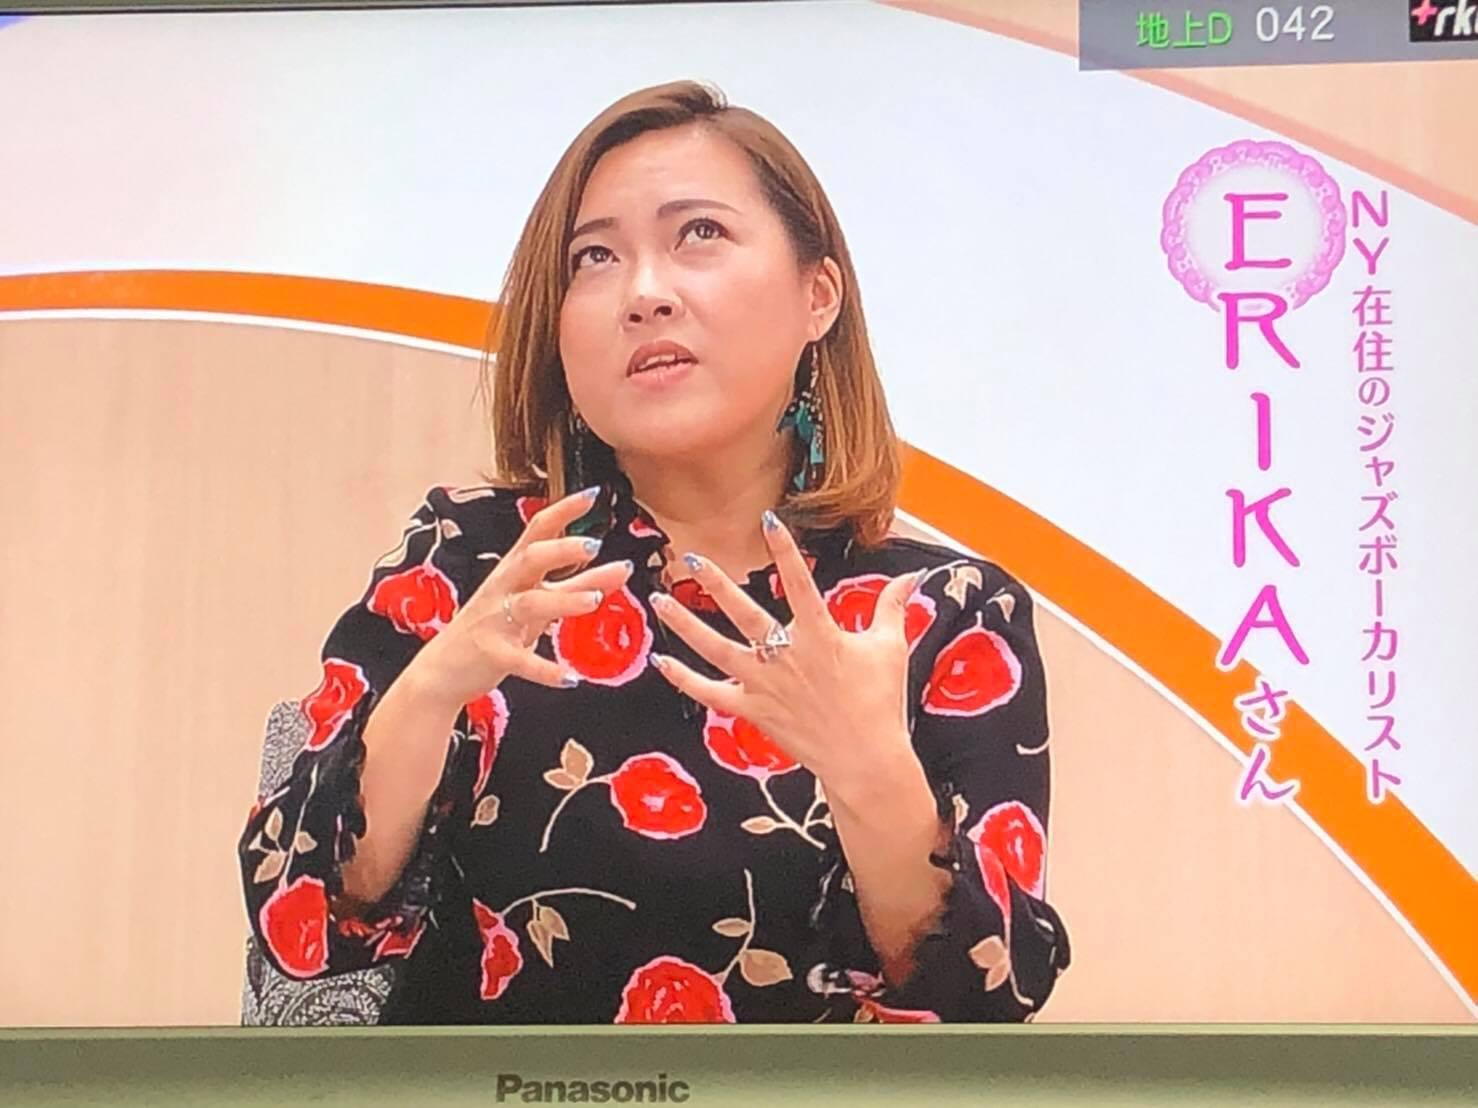 12月8日土曜にテレビRKB毎日放送 『池尻和佳子のトコワカ』に出演 RKB公式サイトかYou Tubeでみれます♪_a0150139_01464489.jpg